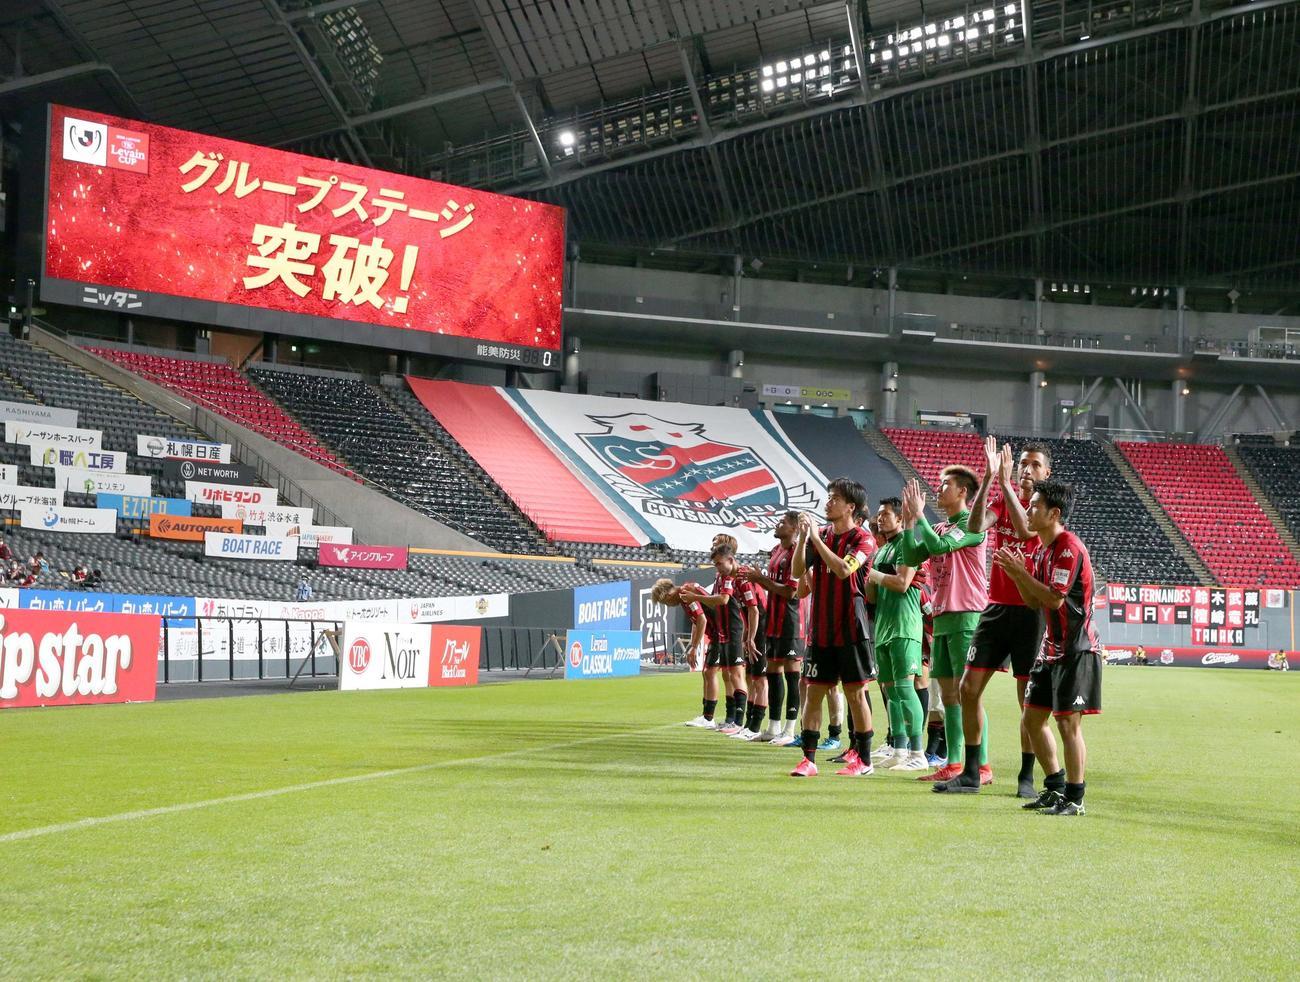 札幌対横浜FC グループステージを突破しスタンドにあいさつする札幌の選手たち(撮影・黒川智章)